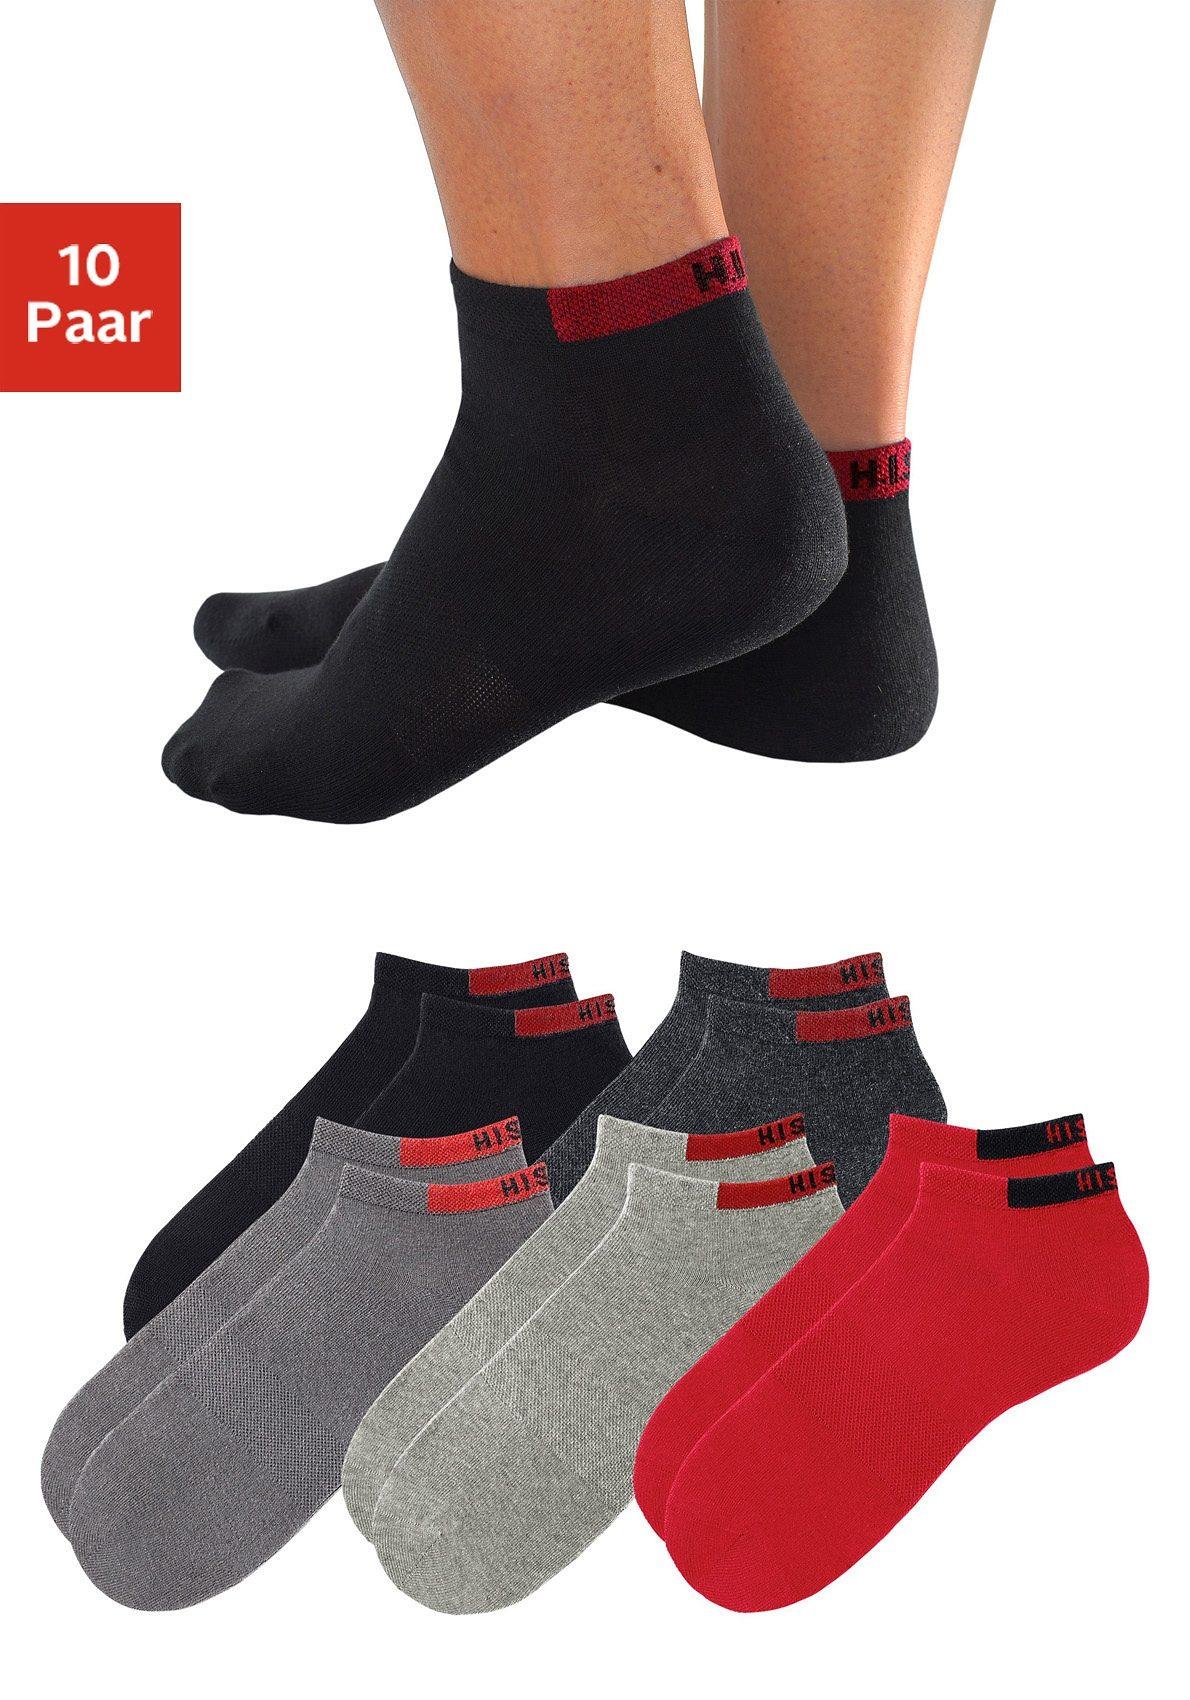 H.I.S Sneakersocken (10 Paar)